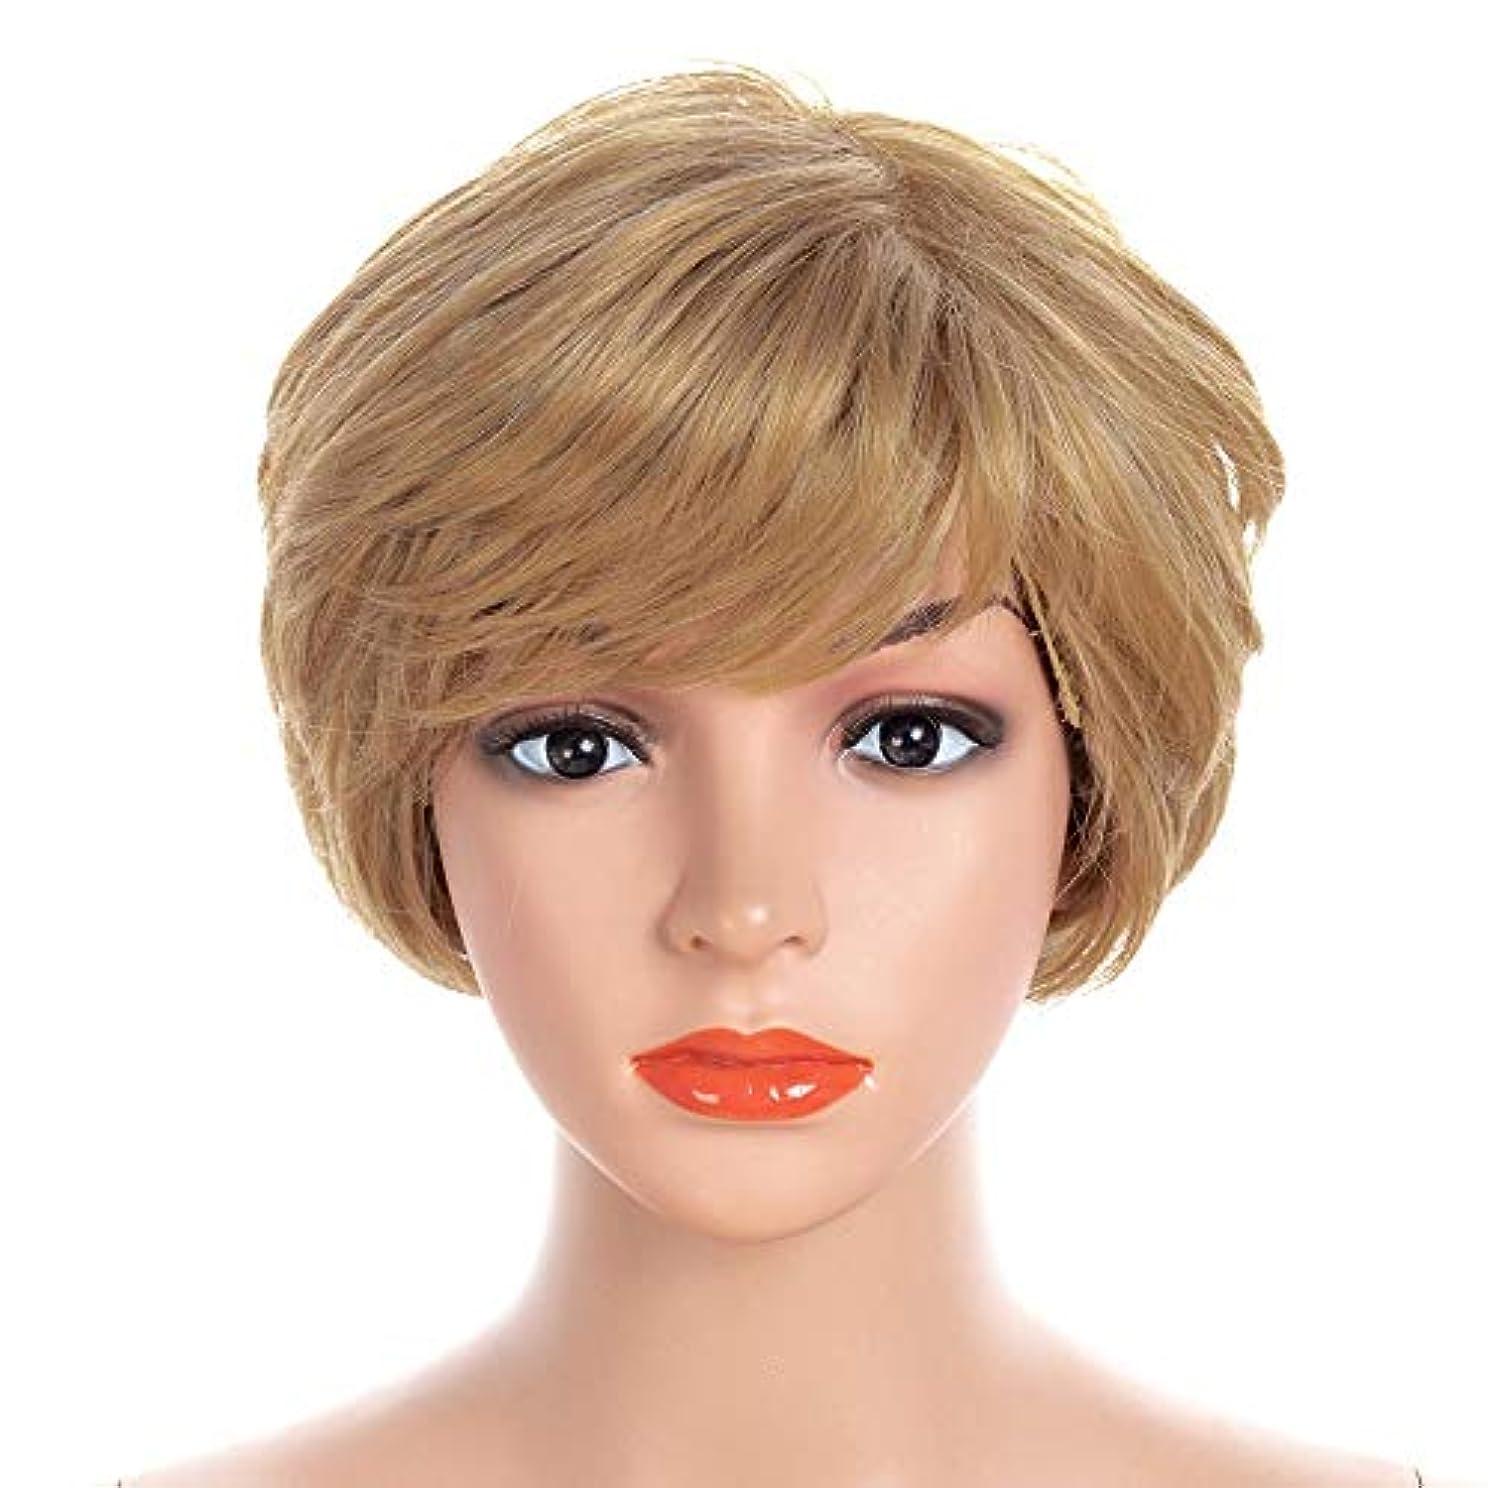 隔離通常農場YOUQIU 無料ヘアーネットコスプレパーティードレスウィッグでは人工毛ボブショートカーリーブロンド髪 (色 : Blonde, サイズ : 30cm)